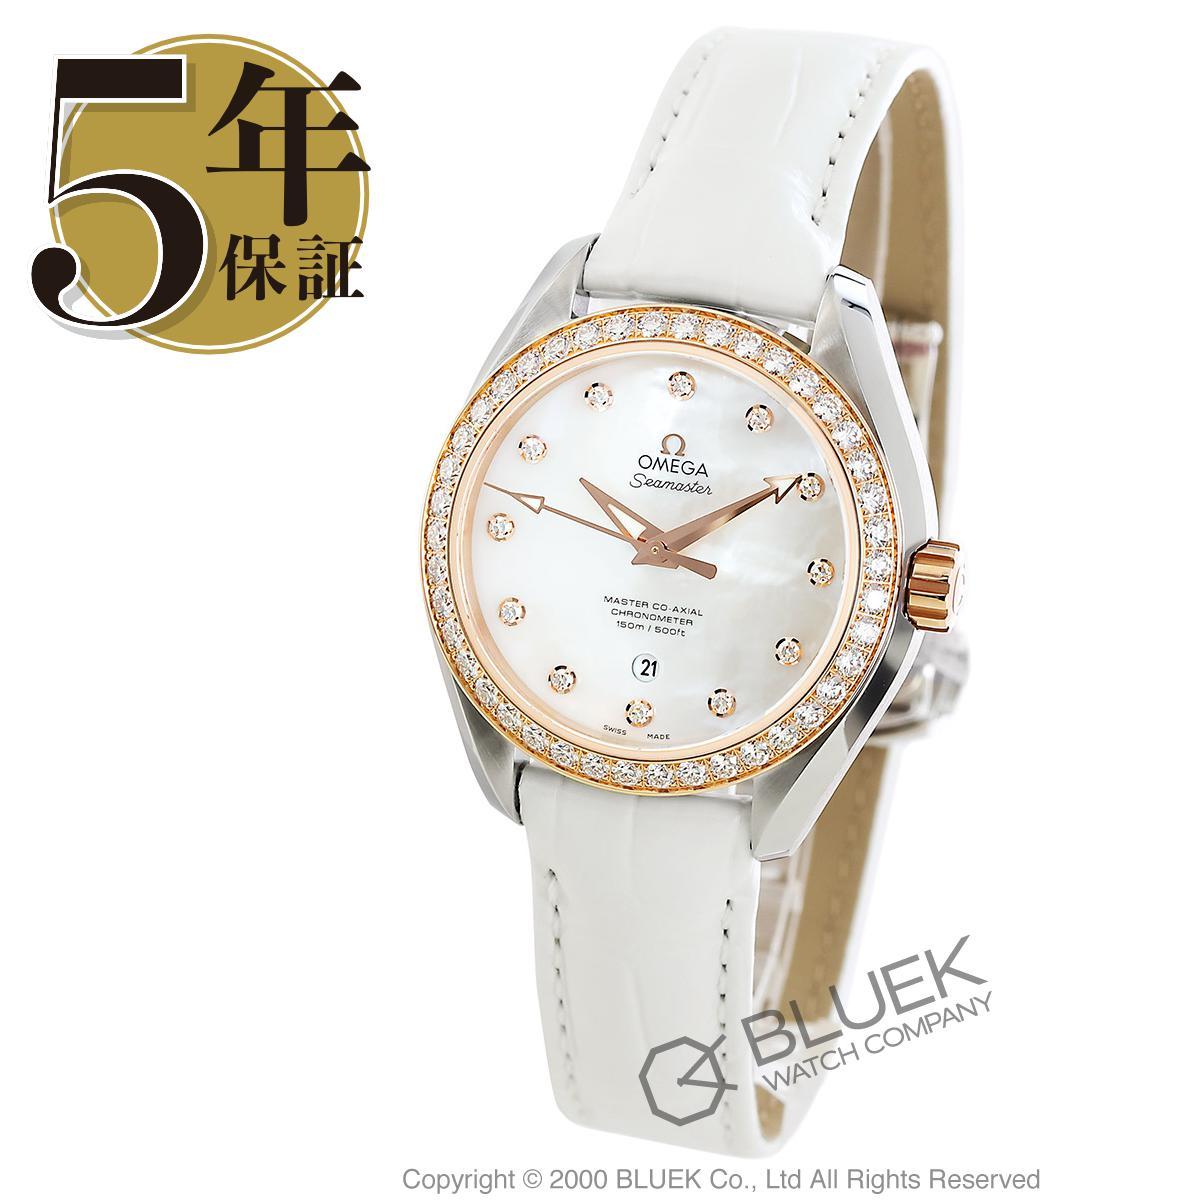 オメガ シーマスター アクアテラ ダイヤ アリゲーターレザー 腕時計 レディース OMEGA 231.28.34.20.55.003_5